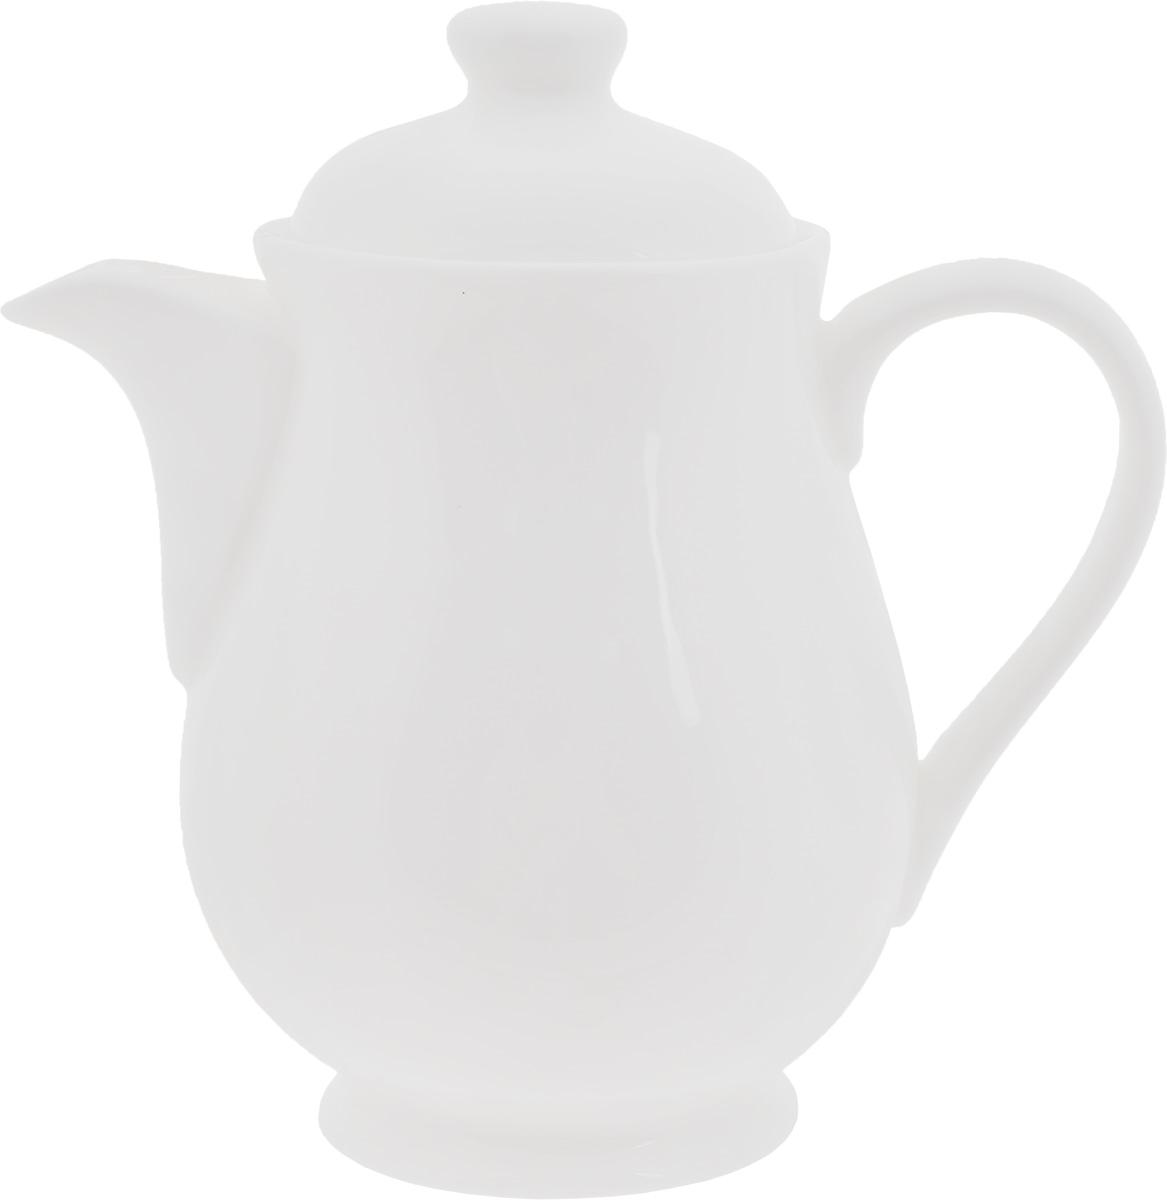 Чайник заварочный Wilmax, 320 млWL-994028 / 1CЗаварочный чайник Wilmax изготовлен из высококачественного фарфора. Глазурованное покрытие обеспечивает легкую очистку. Изделие прекрасно подходит для заваривания вкусного и ароматного чая, а также травяных настоев. Ситечко в основании носика препятствует попаданию чаинок в чашку. Оригинальный дизайн сделает чайник настоящим украшением стола. Он удобен в использовании и понравится каждому. Можно мыть в посудомоечной машине и использовать в микроволновой печи. Диаметр чайника (по верхнему краю): 6 см. Высота чайника (без учета крышки): 10,5 см.